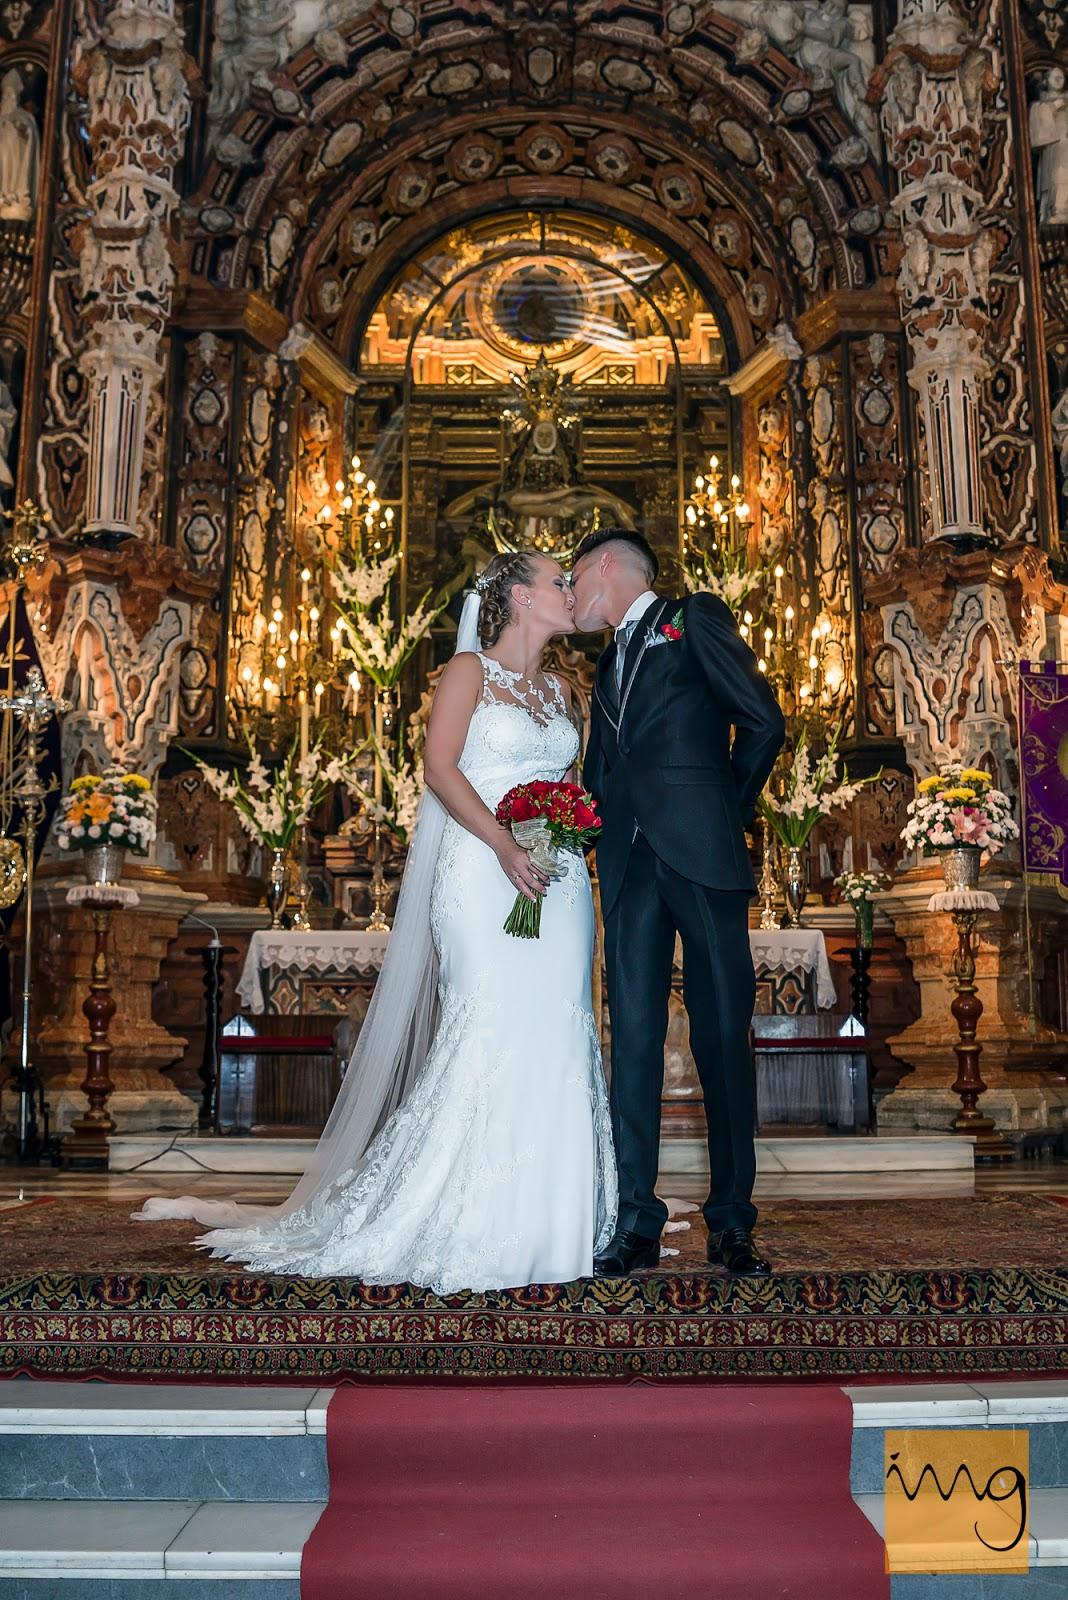 Fotografía de los novios dándose un beso en el altar